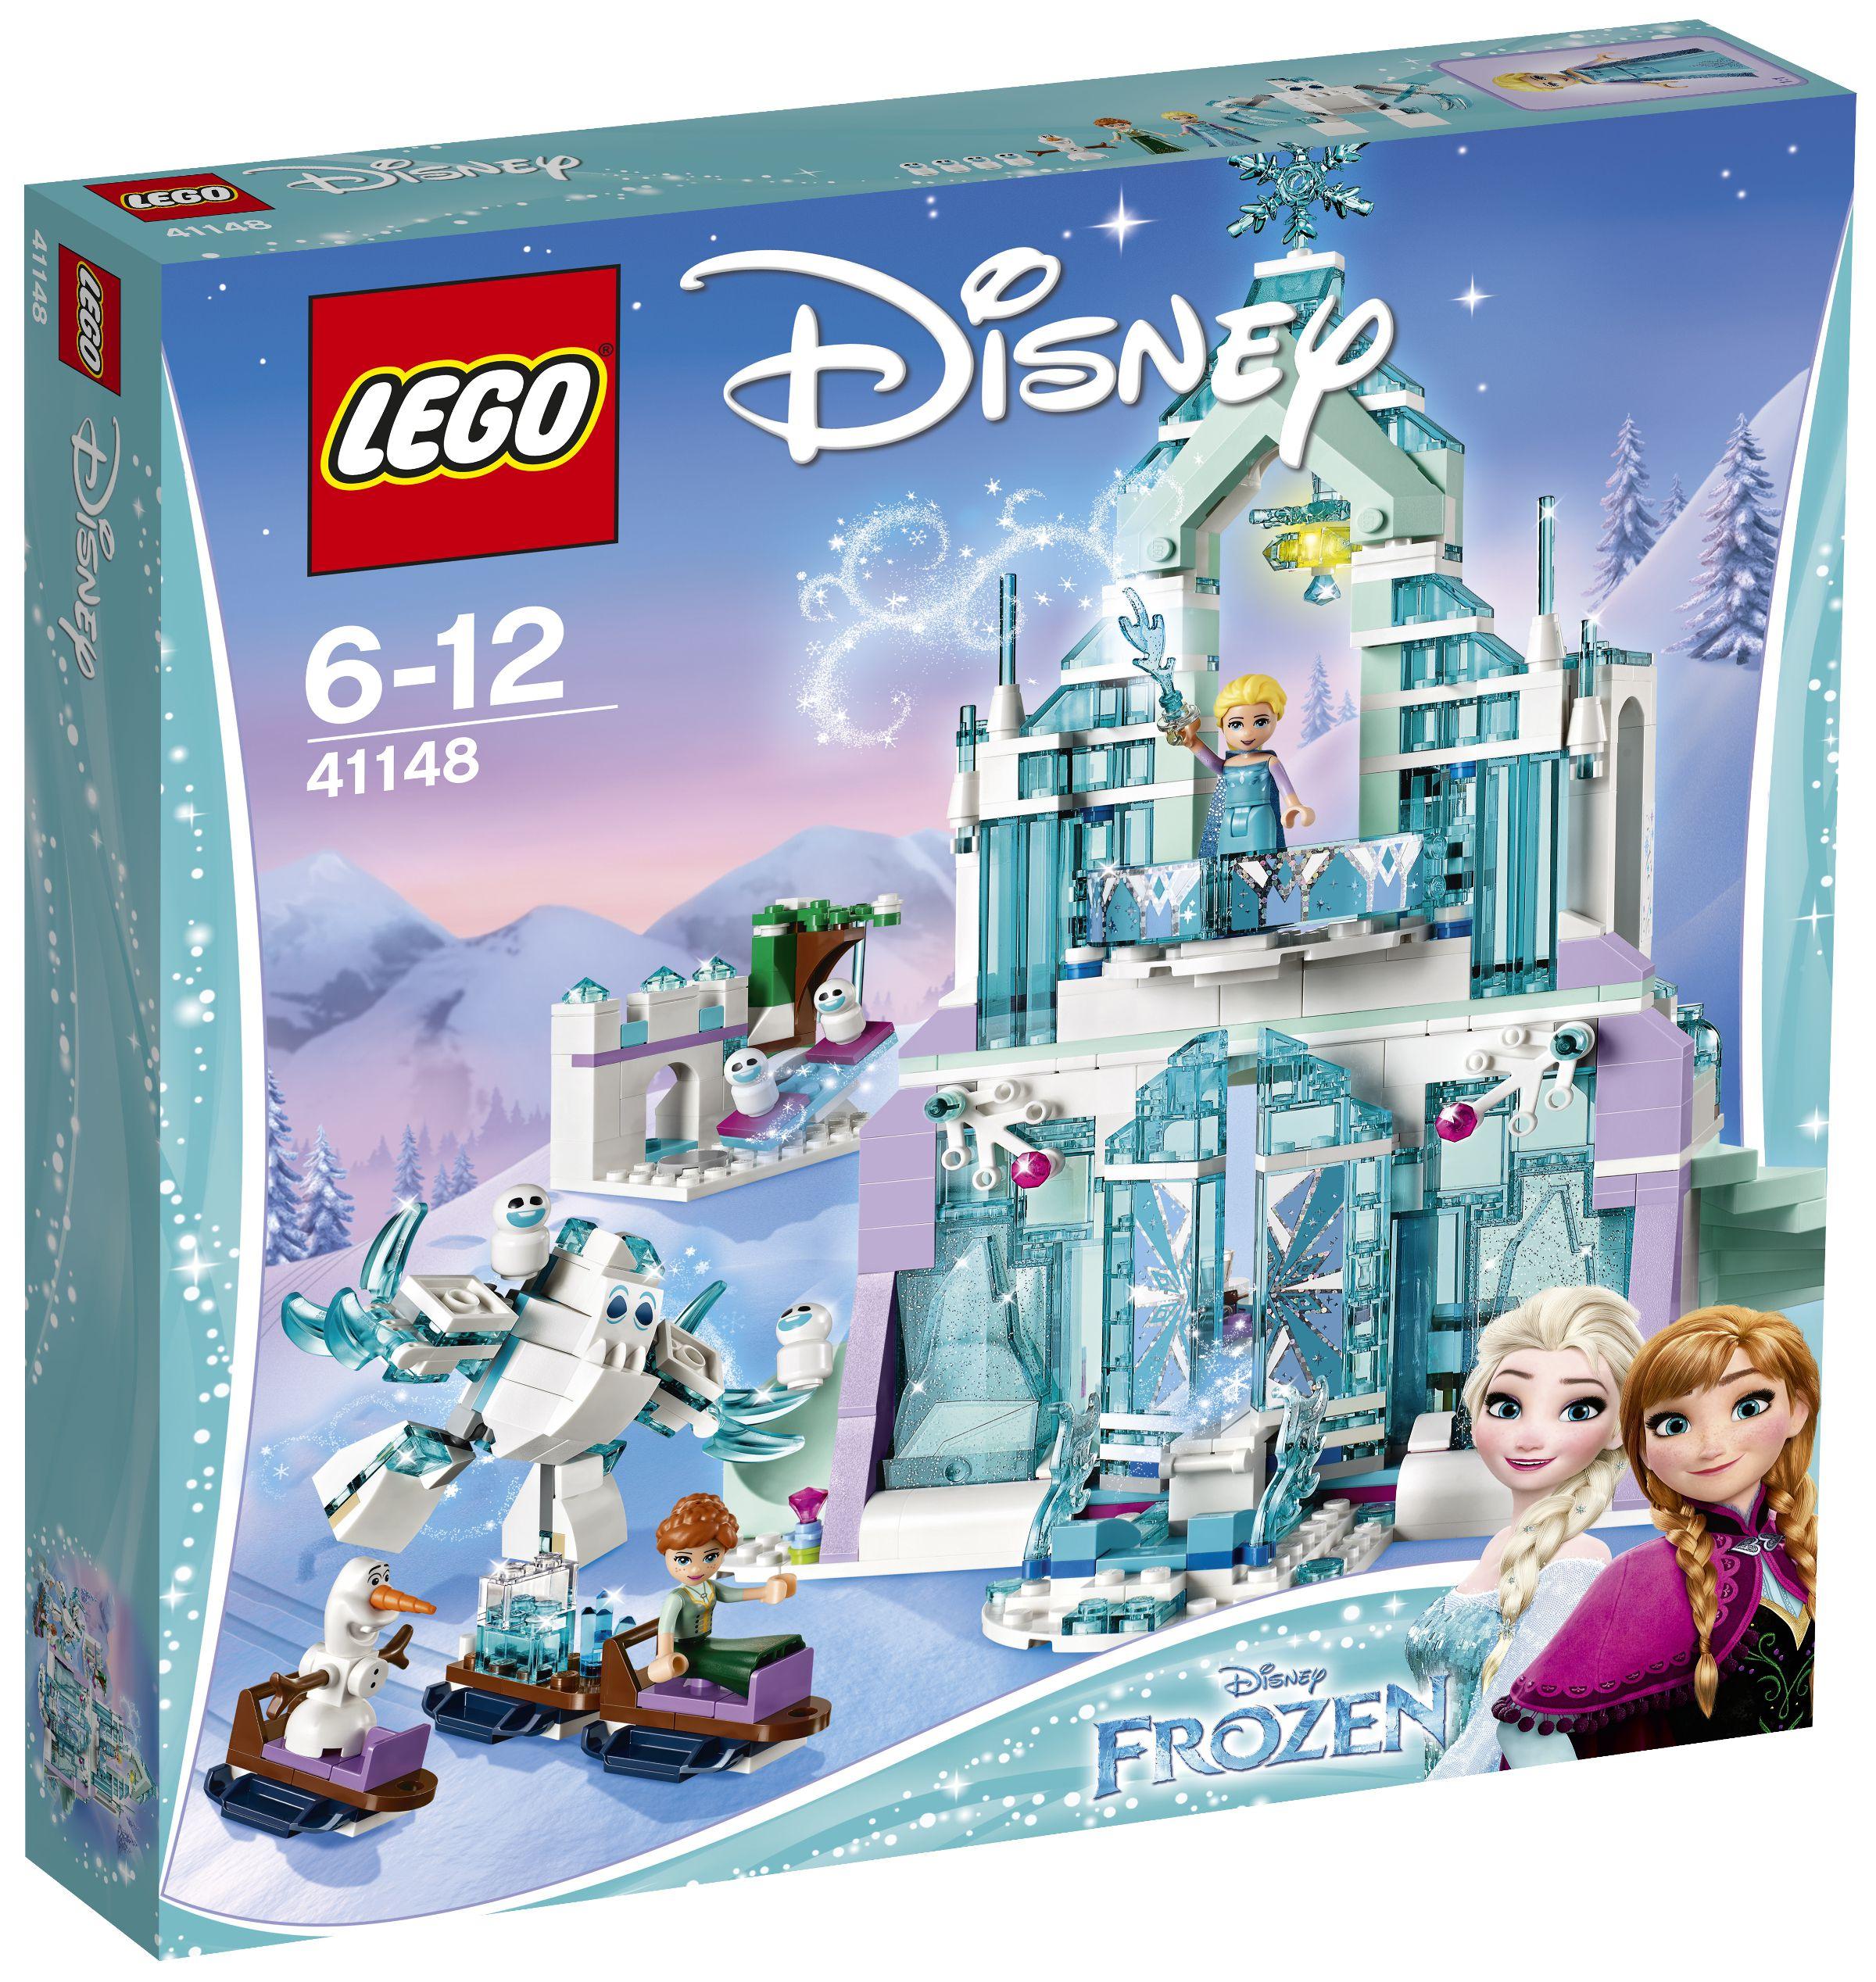 et elsa 4 bonhommes de neige et guimauve construire retrouve aussi tous leurs accessoires le palais magique delsa mesure 31 cm de haut 30